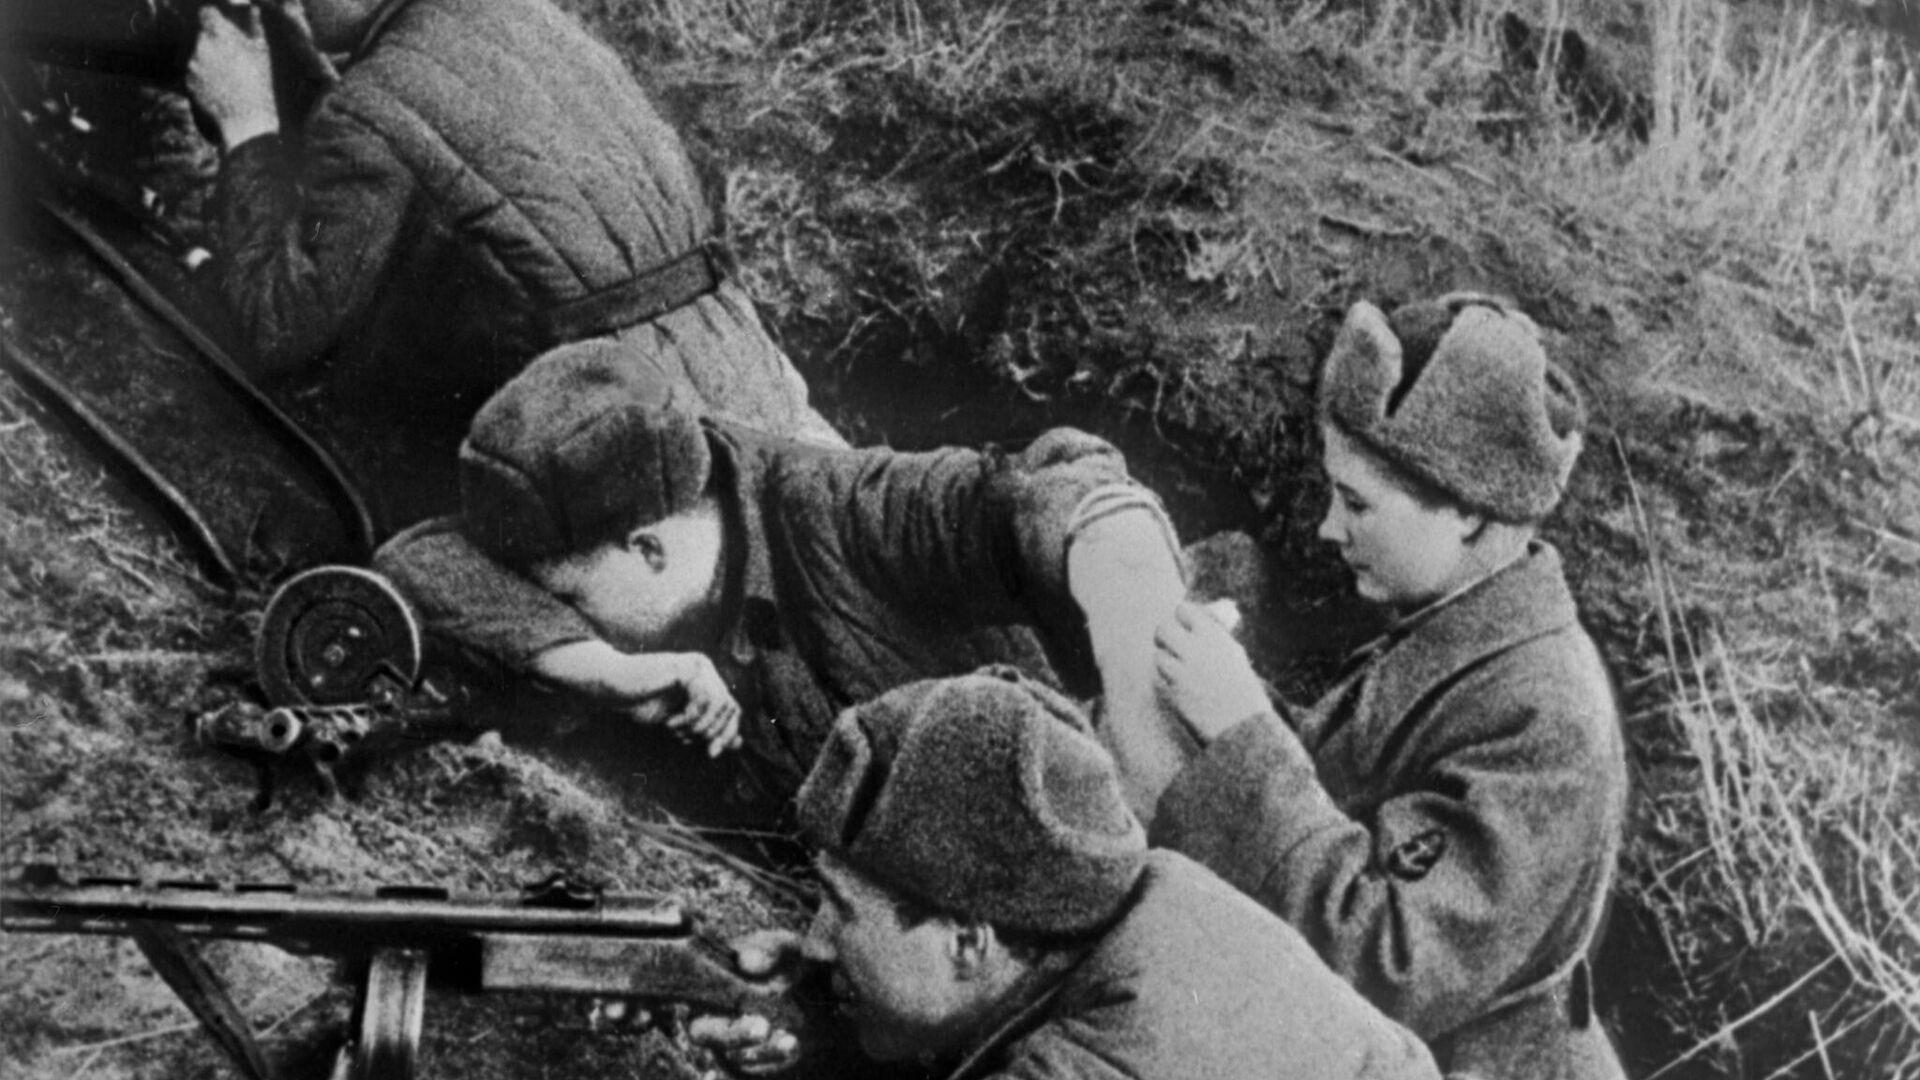 Великая Отечественная война - РИА Новости, 1920, 09.05.2020